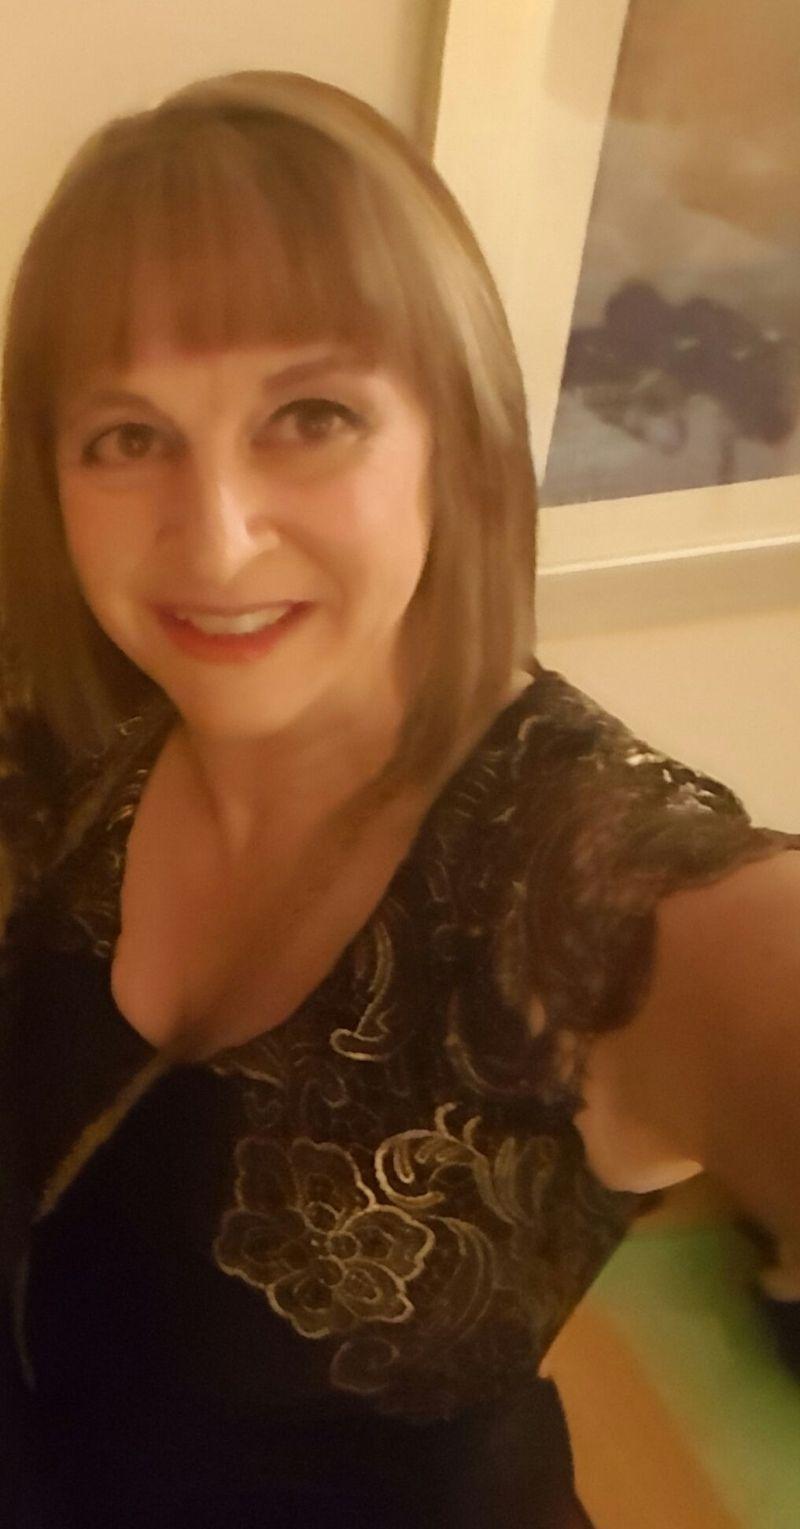 Christine_2388